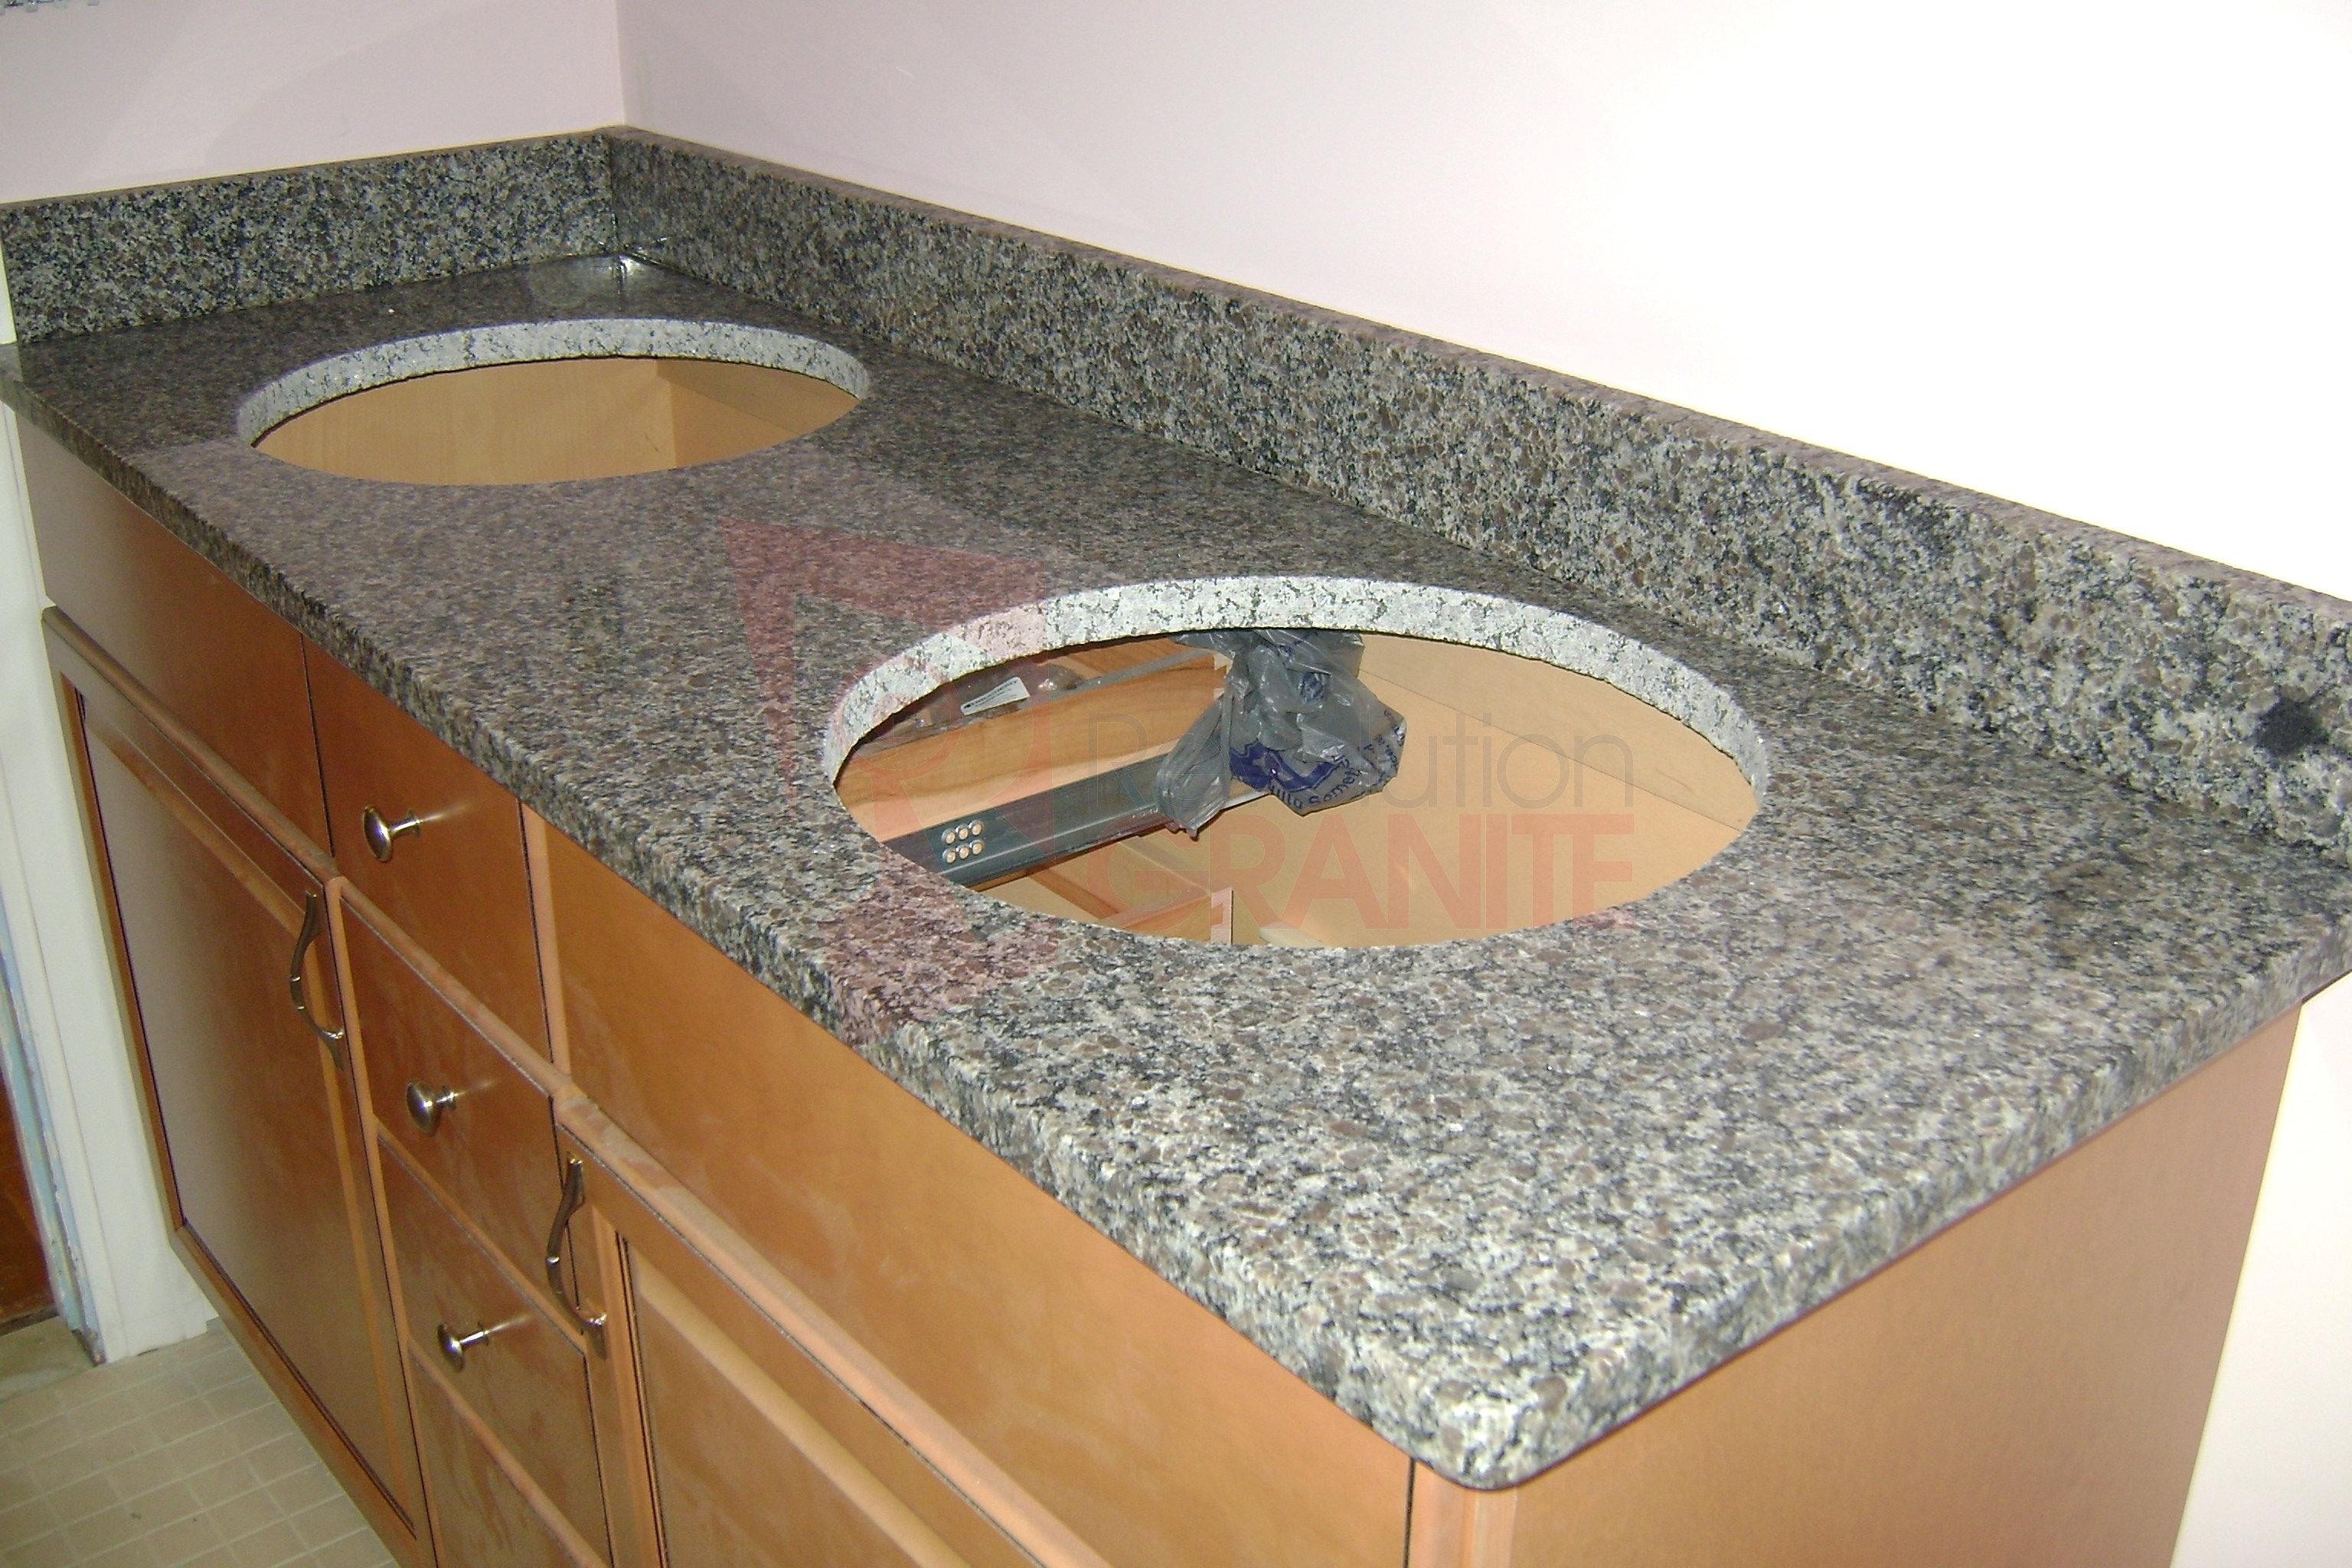 Caledonia Granite Kitchen Kichen Granite Countertop Granite Fabricator Kitchen Countertops